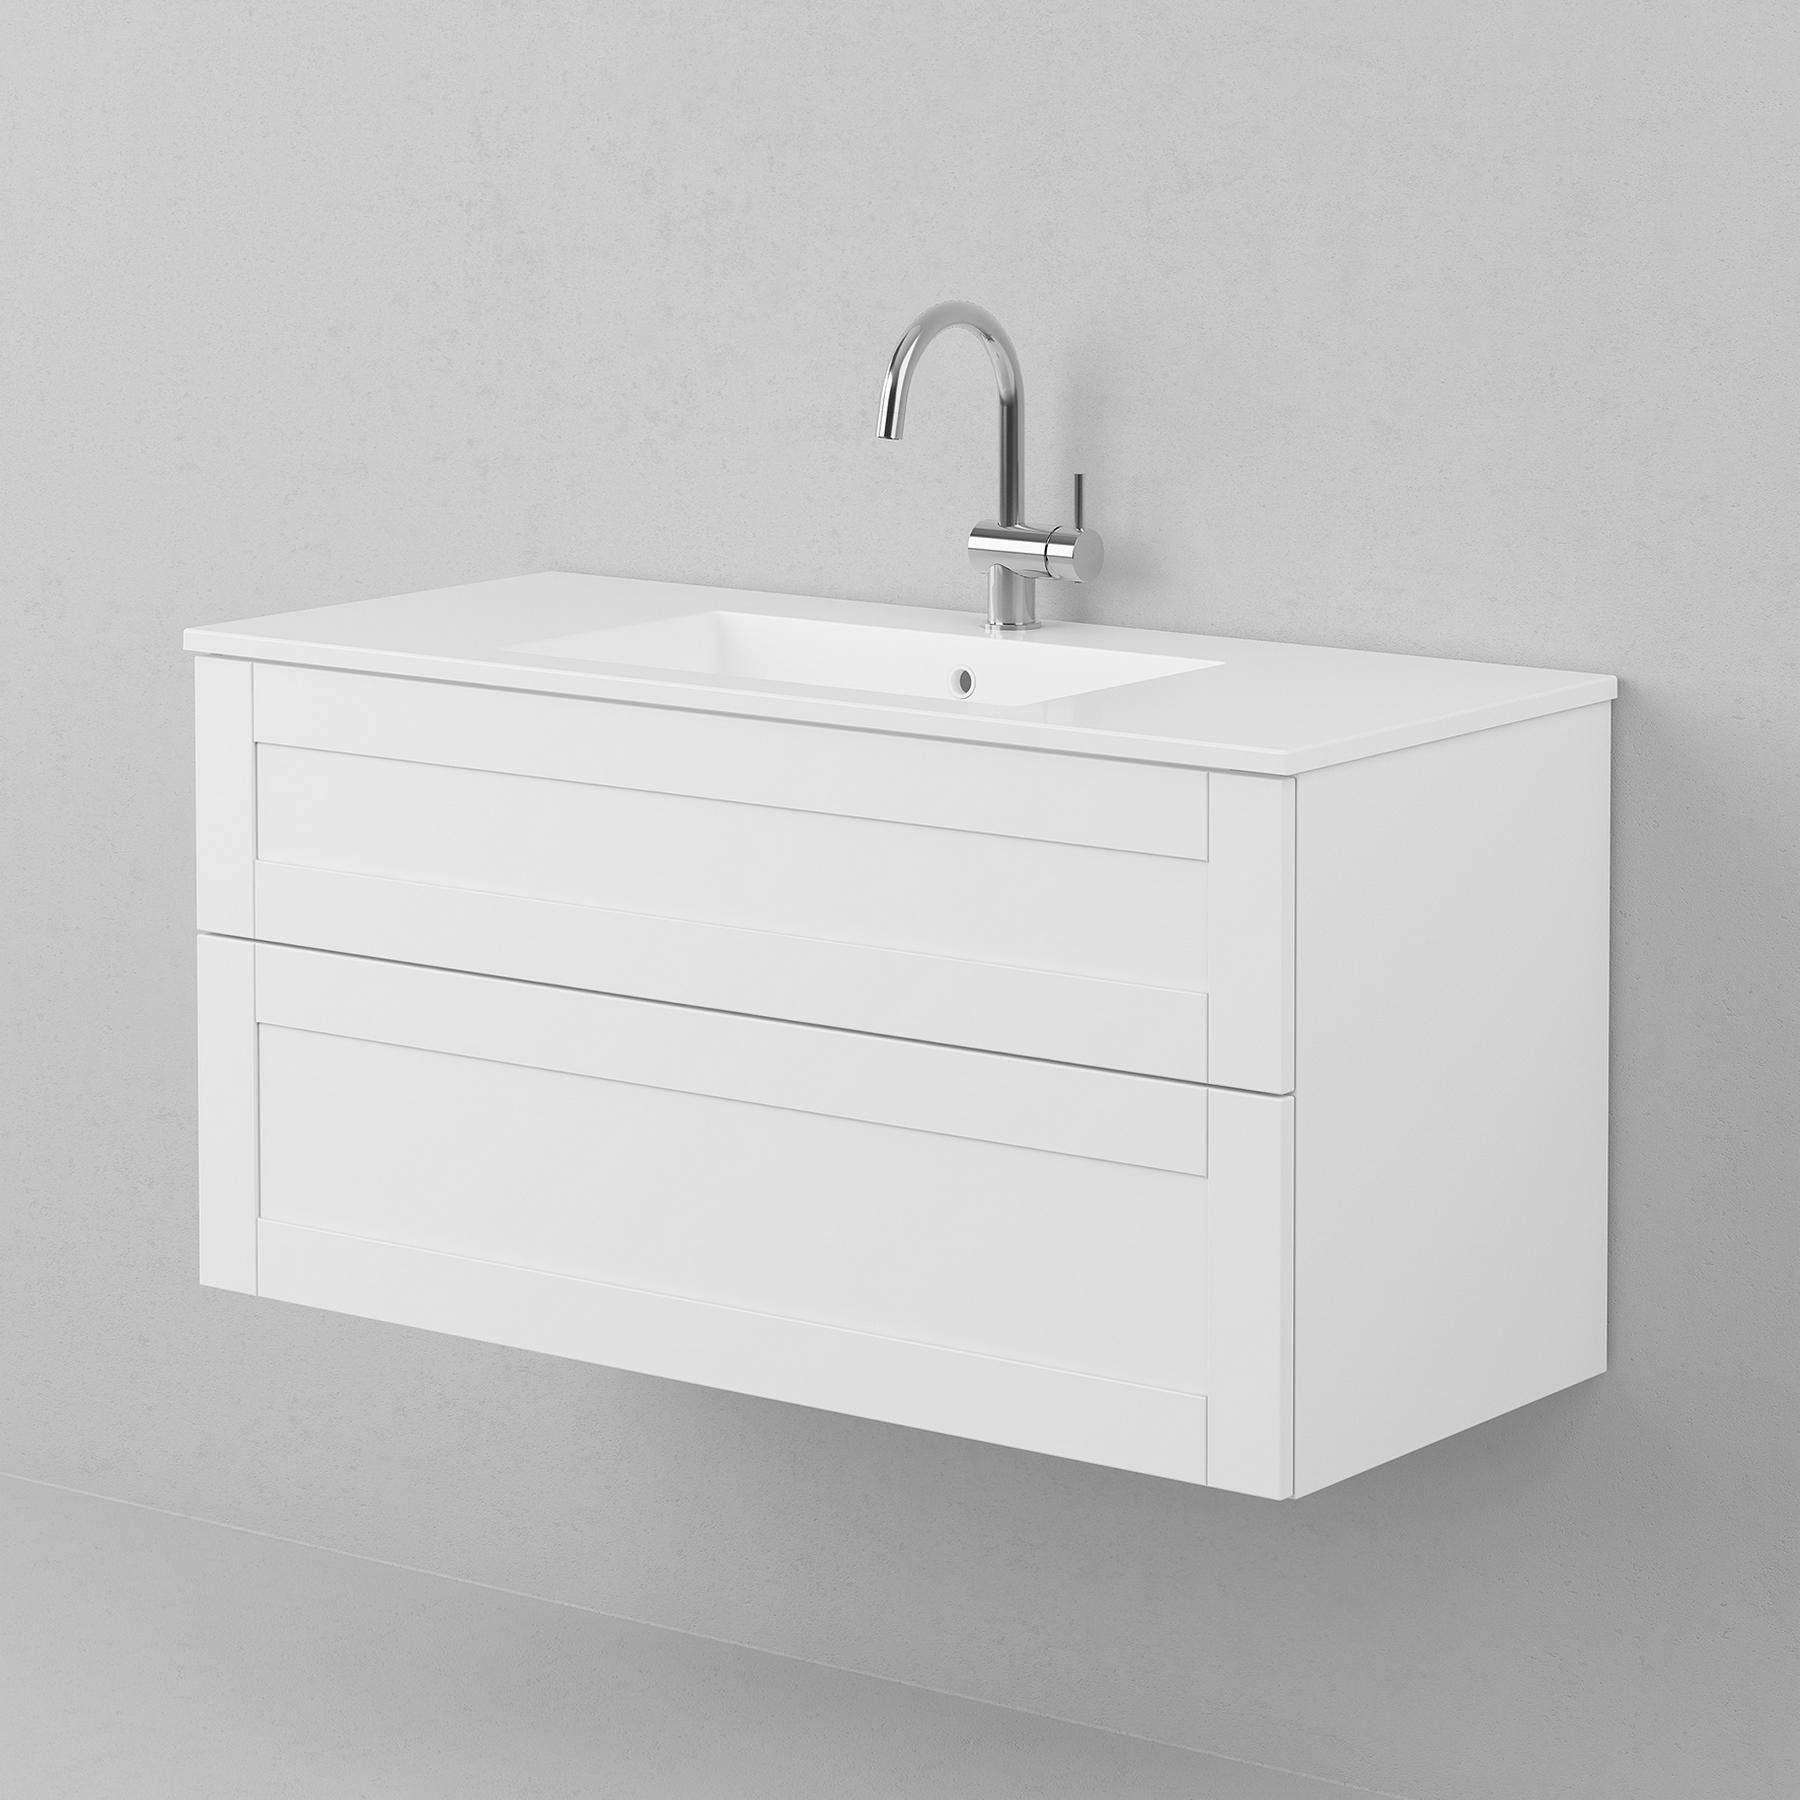 Tvättställsskåp INR Viskan Classic